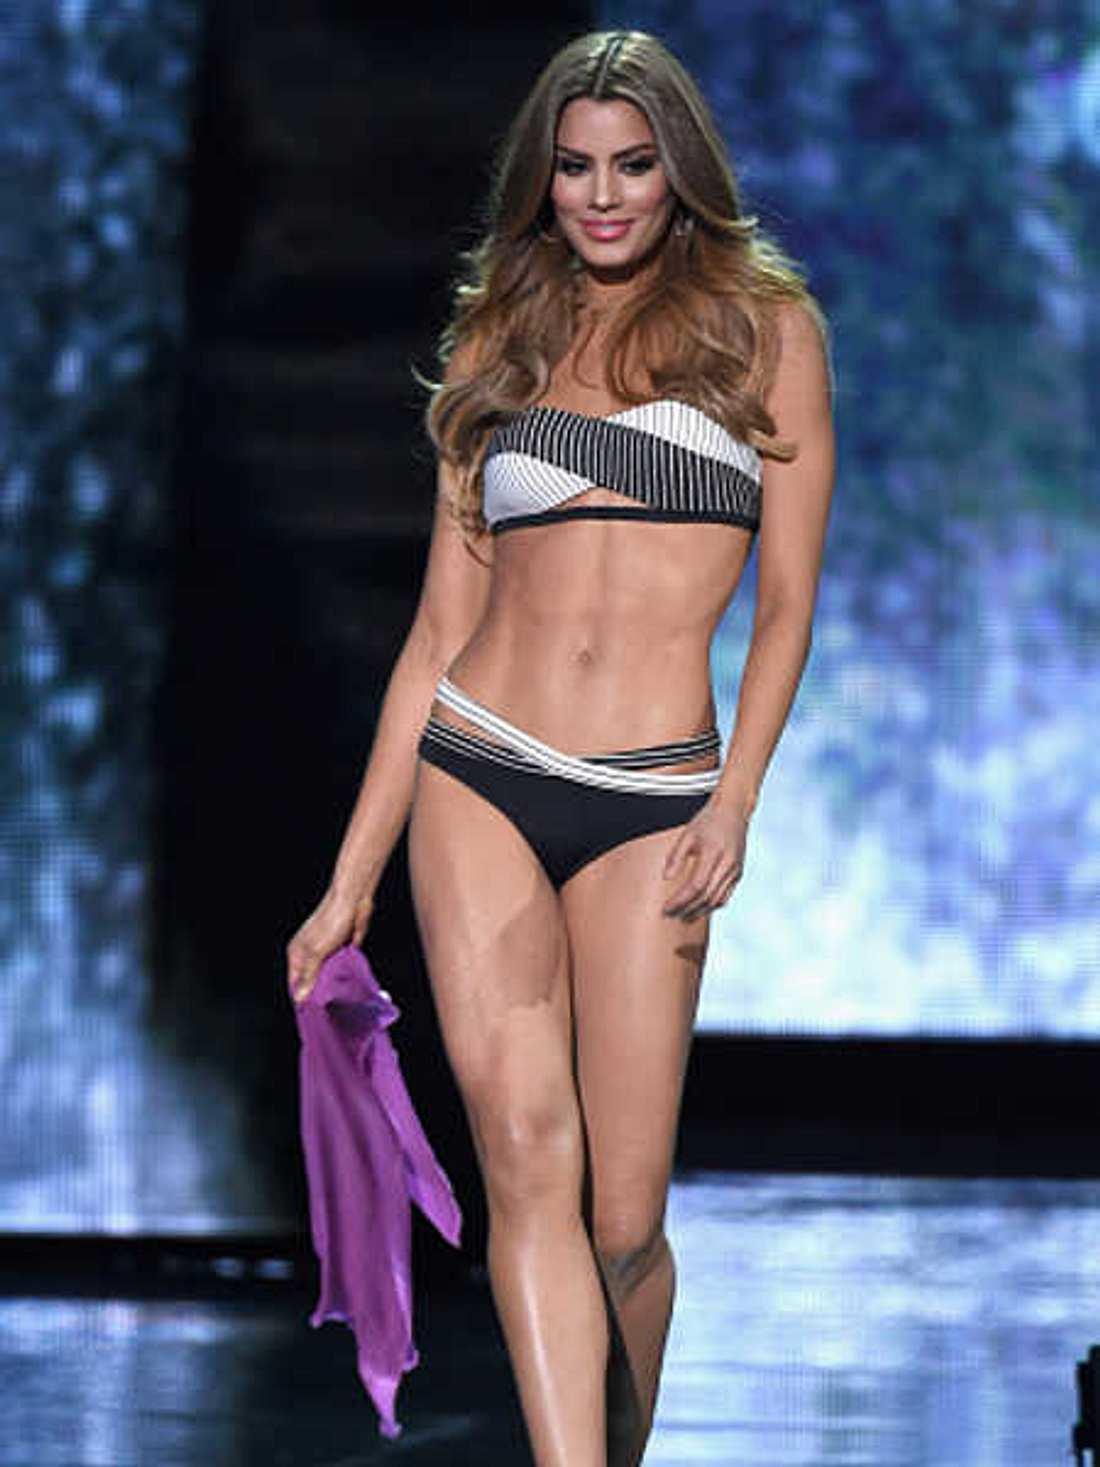 Ariadna Guitterrez Miss Universe Porno